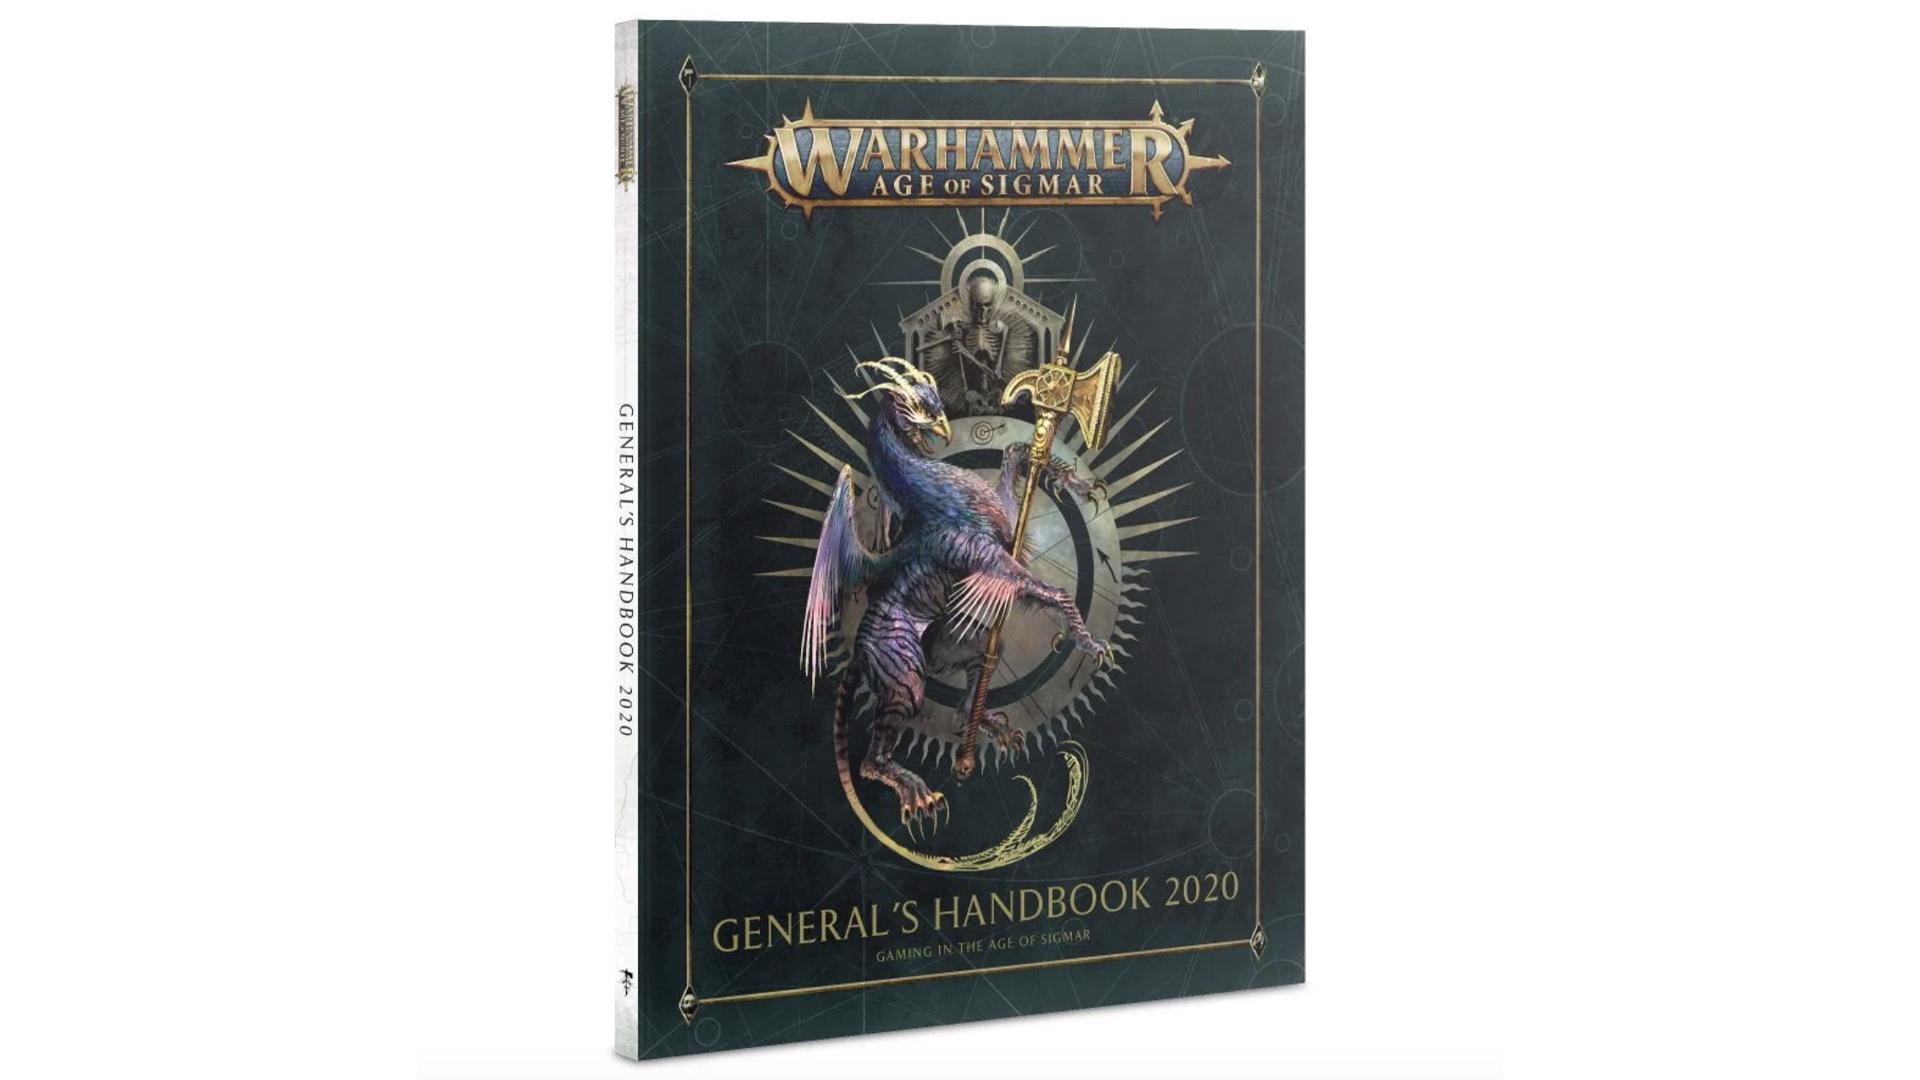 warhammer-age-of-sigmar-2020-generals-handbook.png